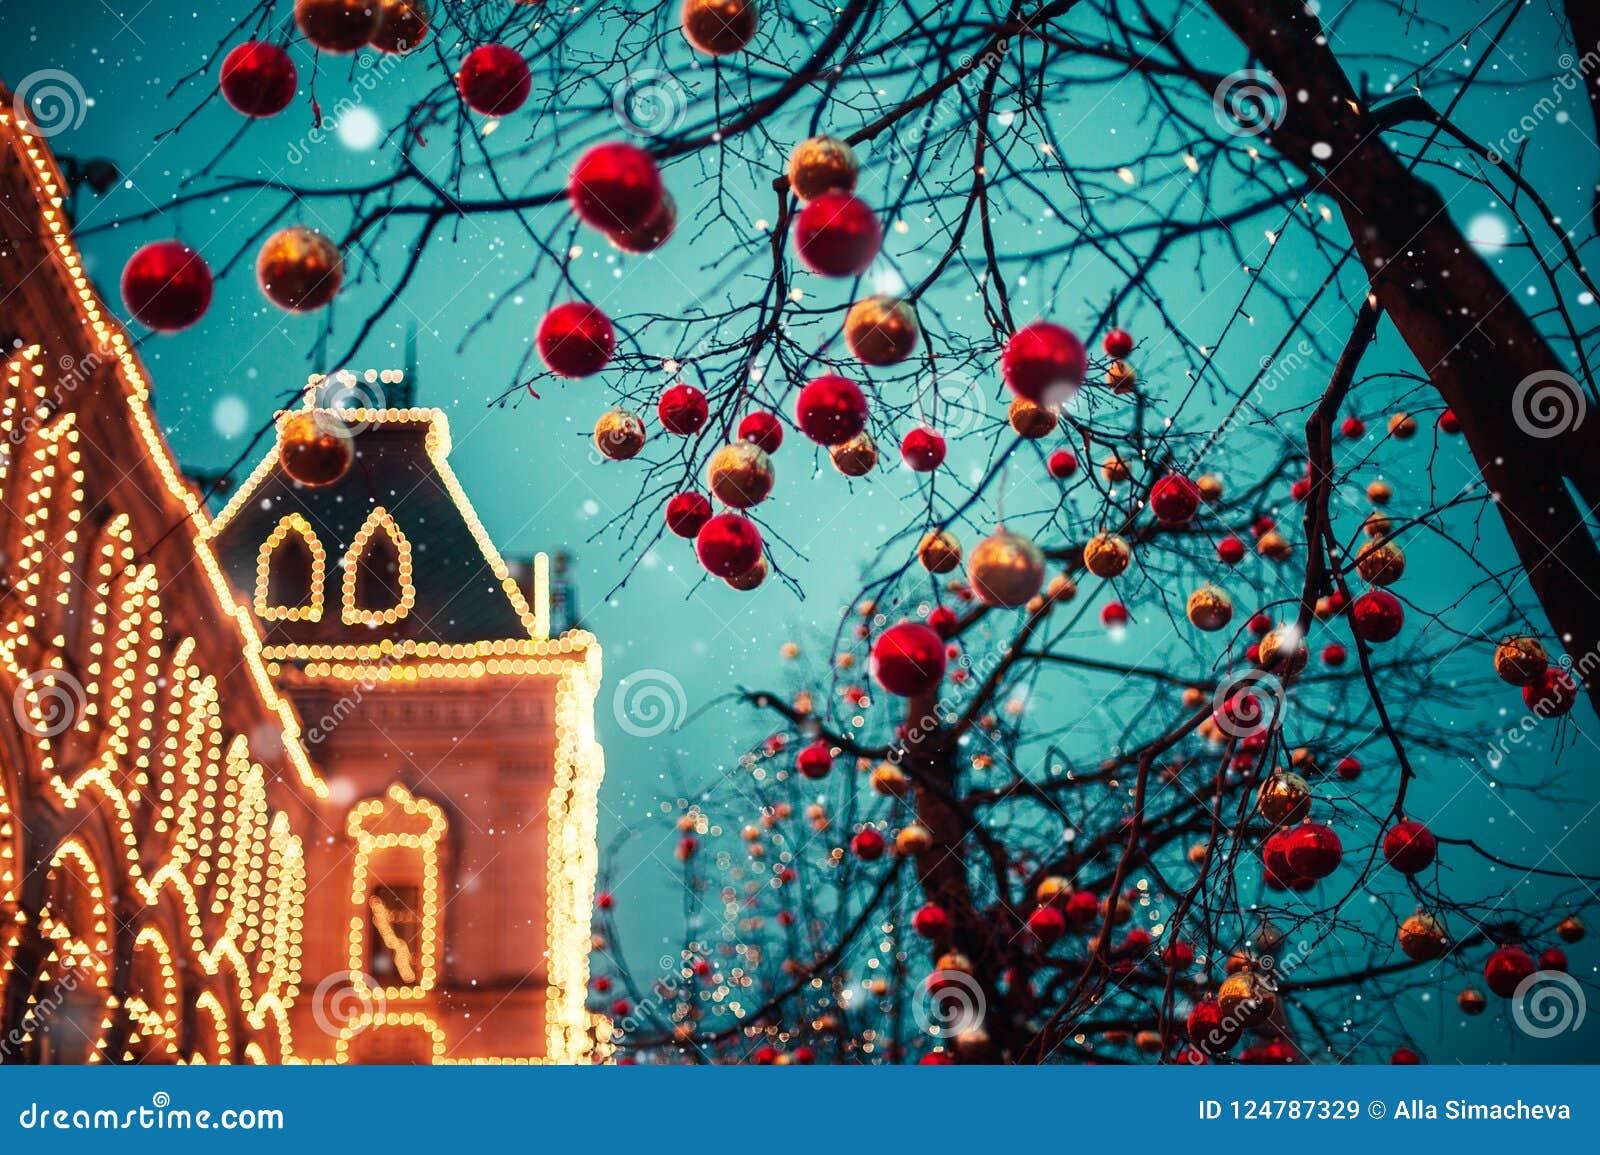 Εορταστικοί φωτισμοί στις οδούς της πόλης Χριστούγεννα στη Μόσχα, Ρωσία κόκκινο τετράγωνο